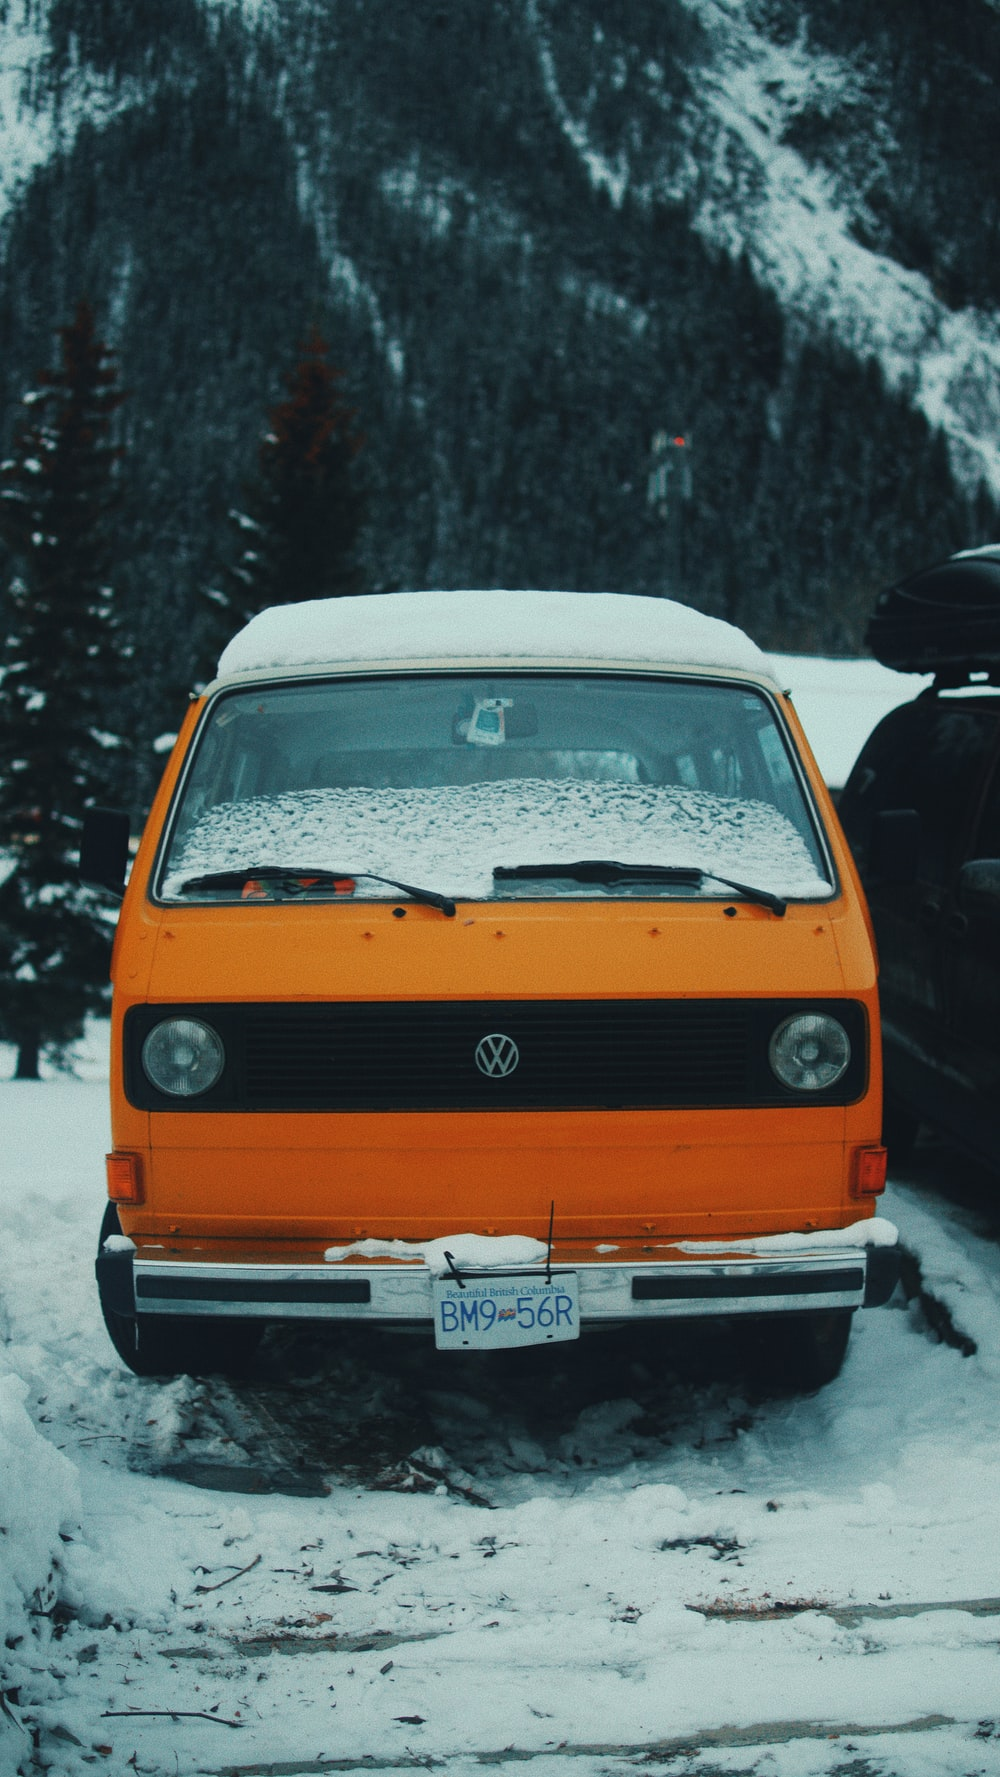 orange Volkswagen vehicle